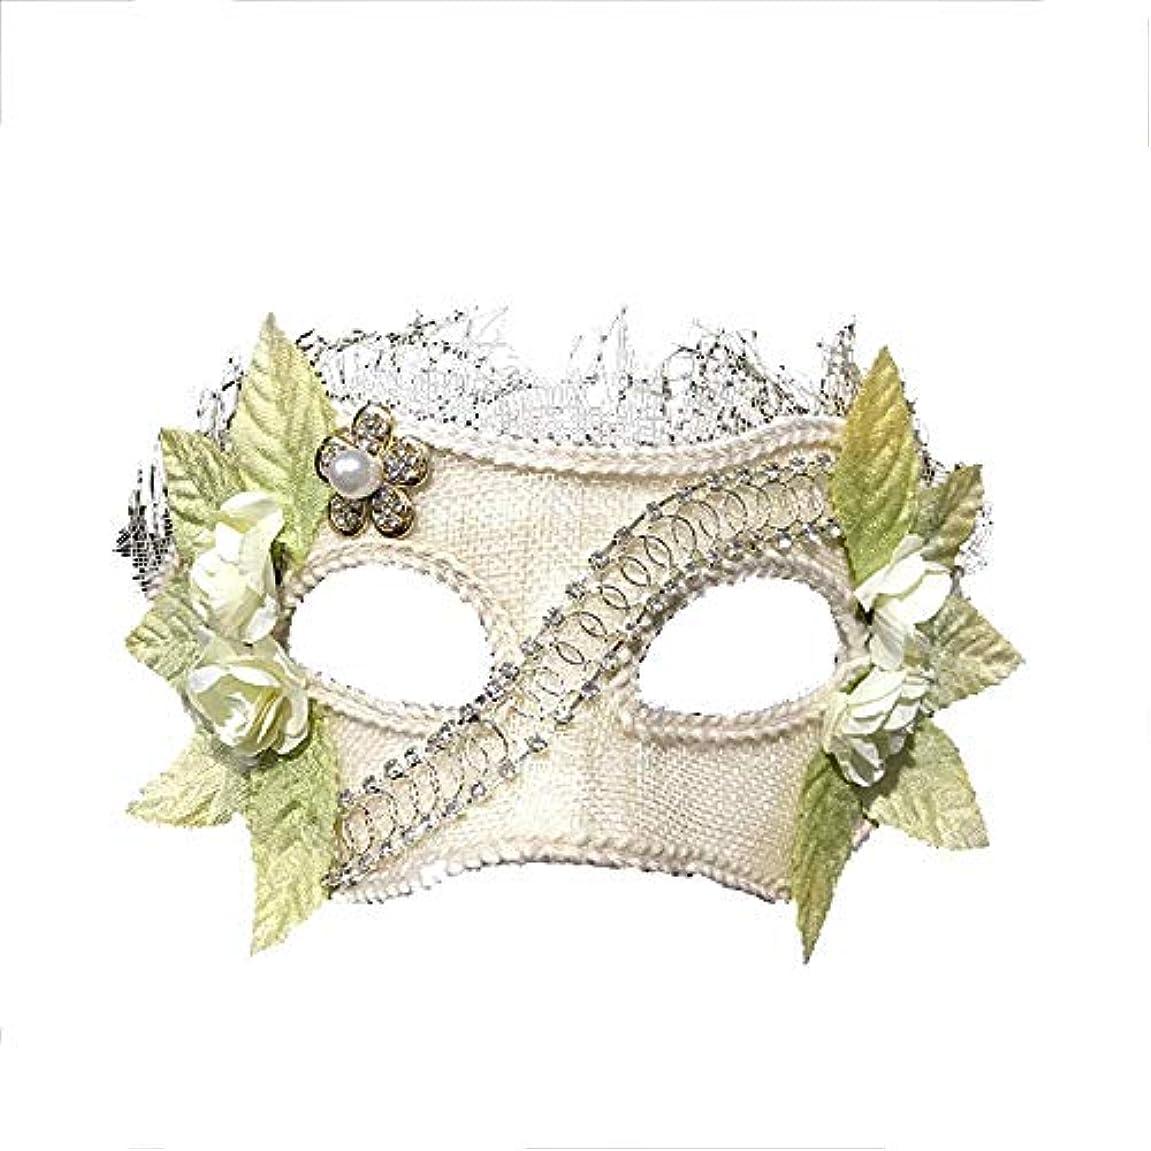 資格情報辞書じゃないNanle ハロウィンクリスマスフラワーフェザービーズマスク仮装マスクレディミスプリンセス美容祭パーティーデコレーションマスク (色 : Style A)